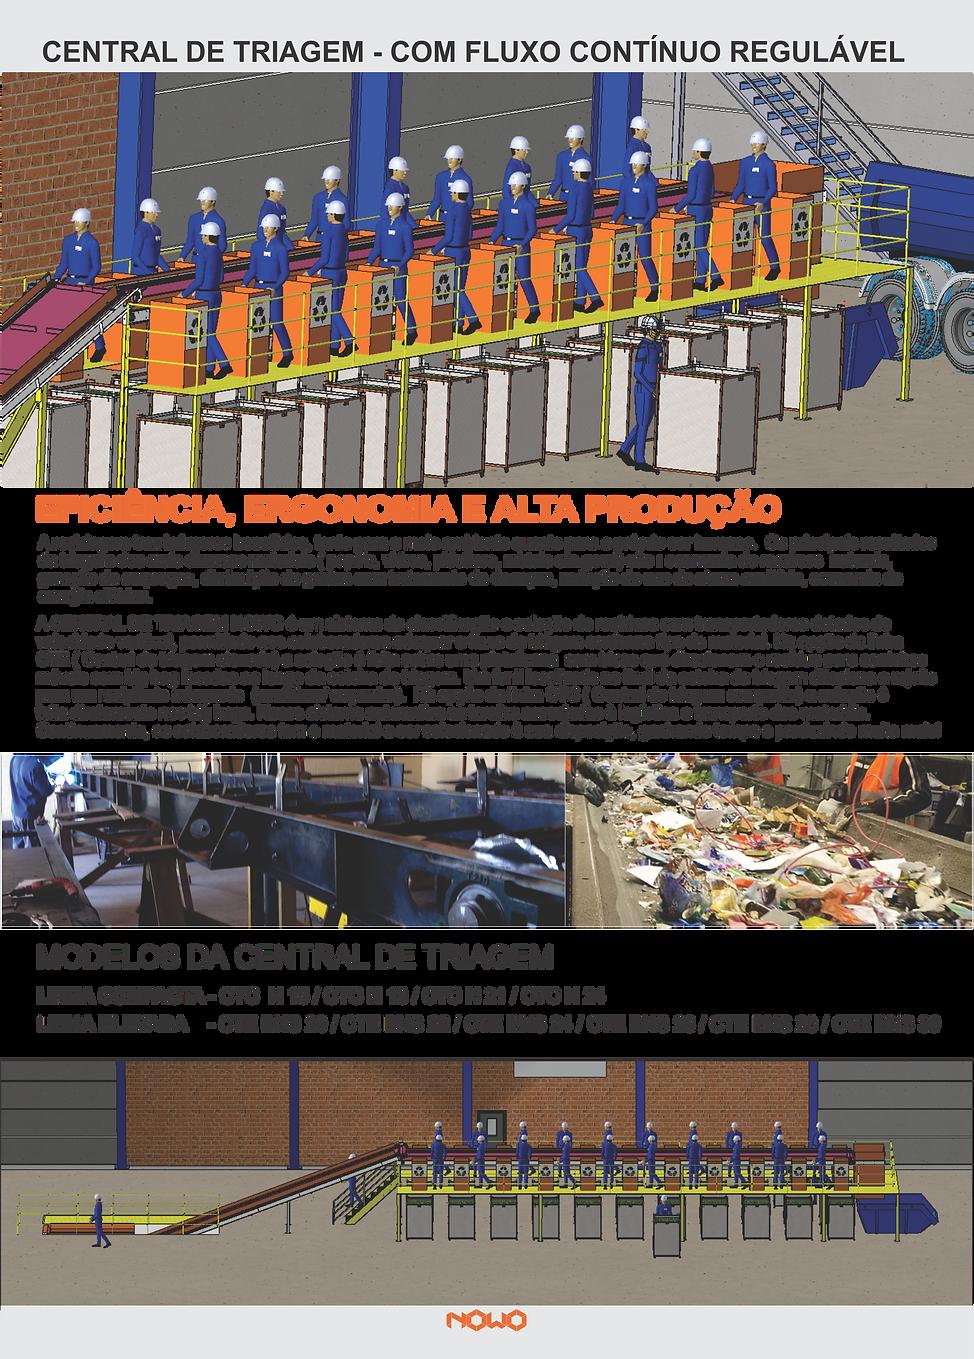 CENTRAL DE TRIAGEM ELEVADA E COMPACTA.pn